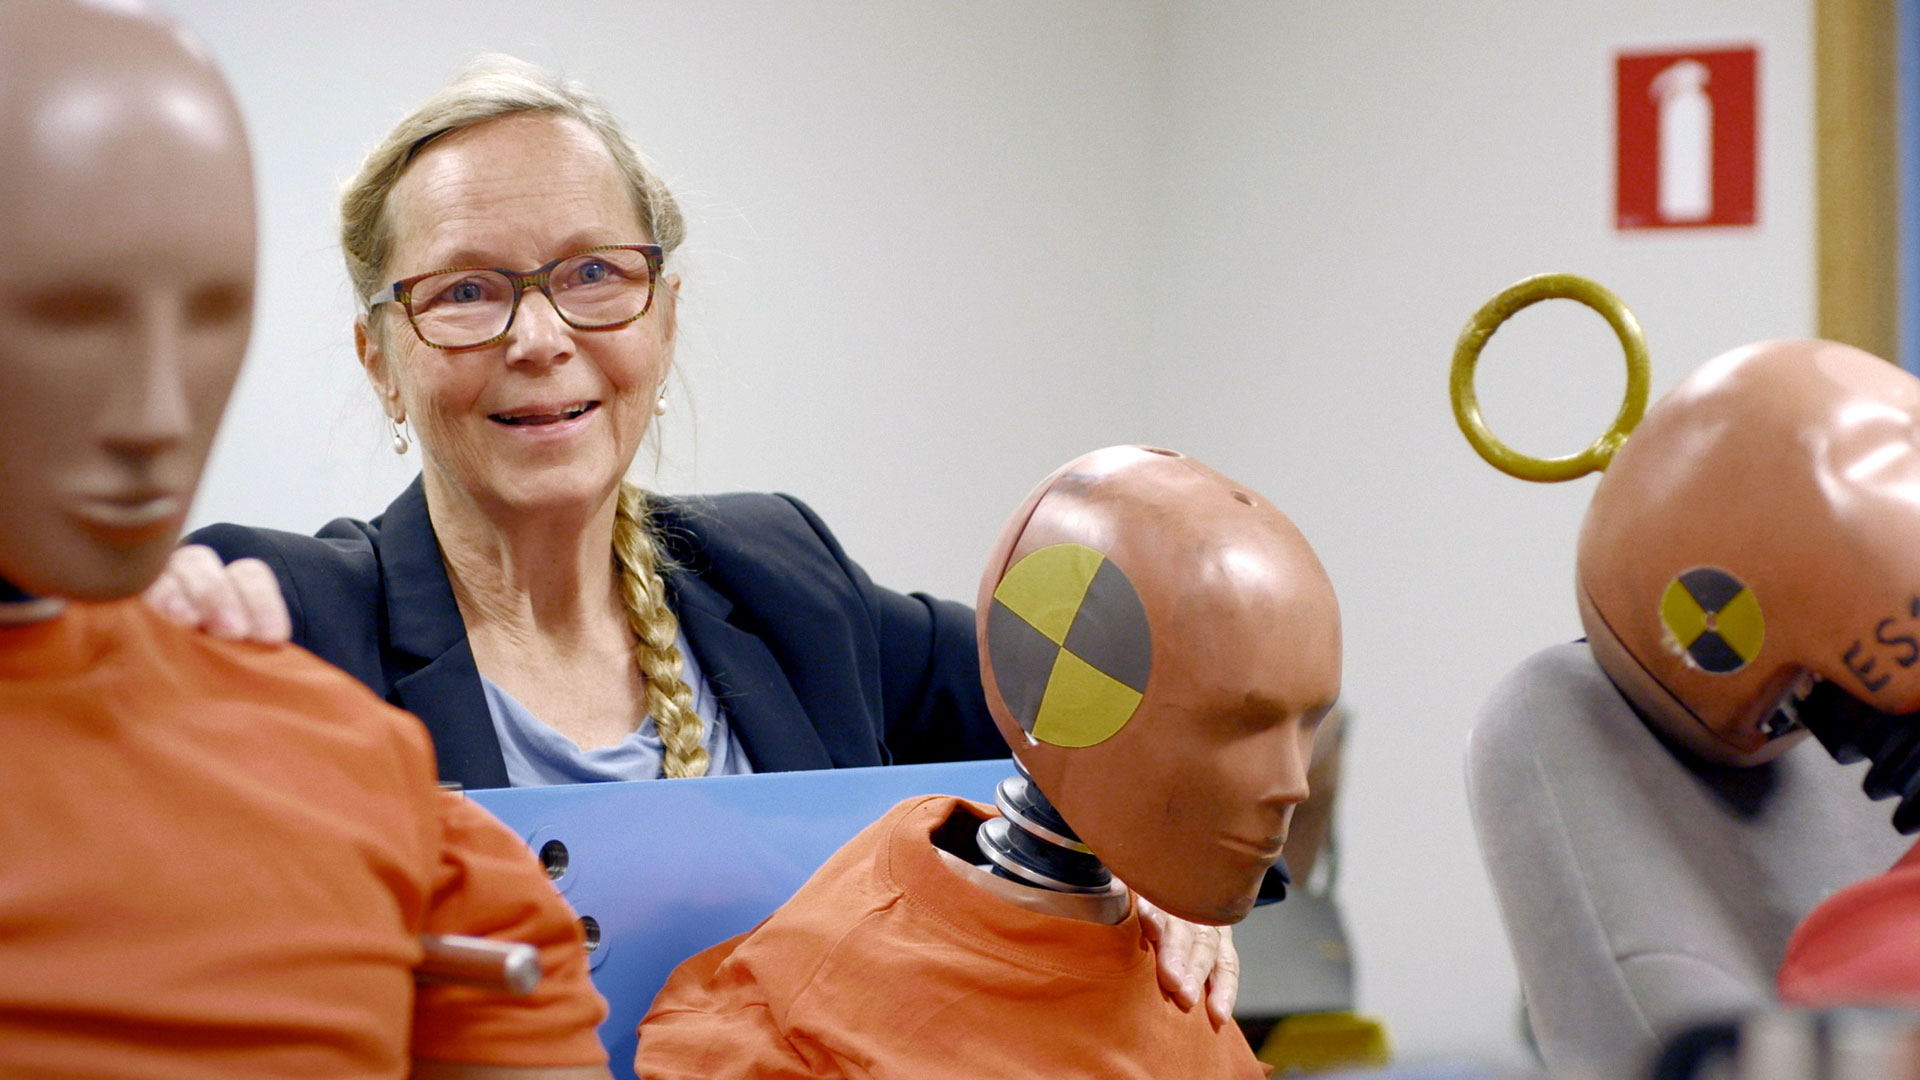 Astrid Linder, Direktorin des Schwedischen Verkehrssicherheits-Instituts, hat den ersten Prototypen eines weiblichen Crash-Test-Dummys entwickelt. | Bildquelle: WDR/btf